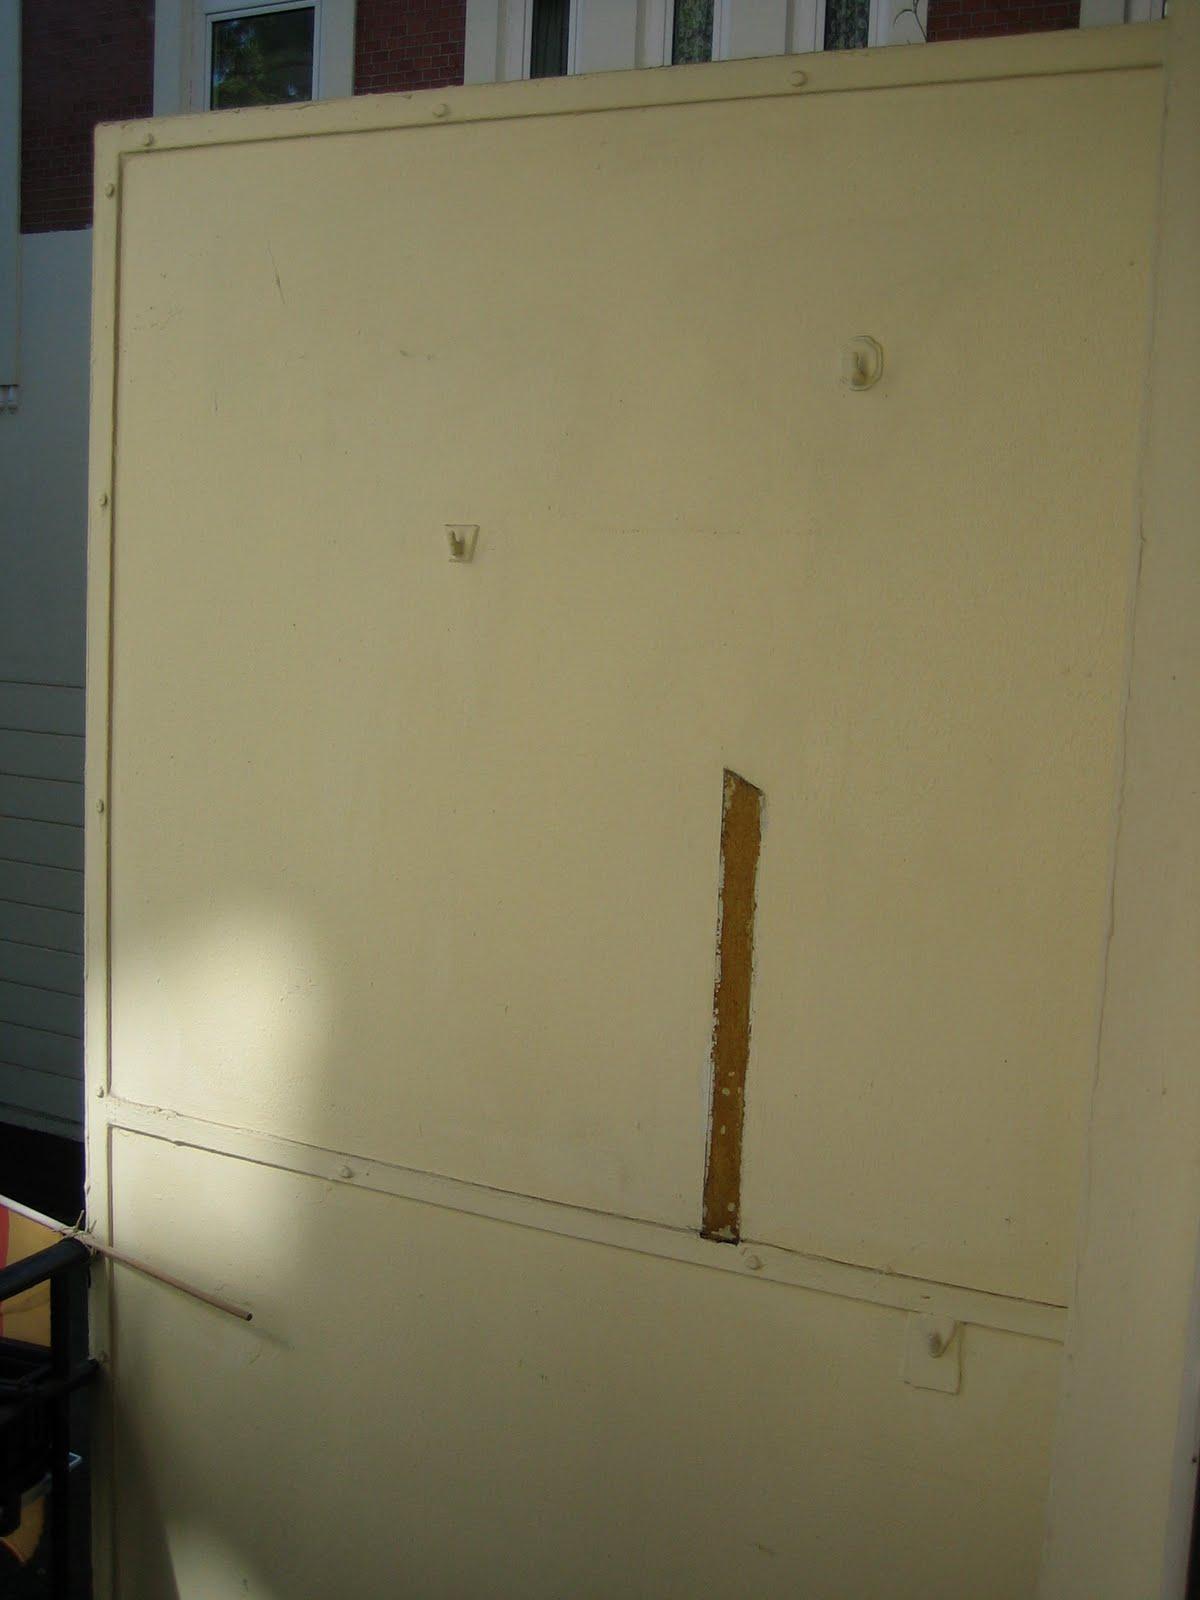 Full Size of Trennwand Balkon Ikea Sichtschutz Glas Metall Ohne Bohren Sondereigentum Plexiglas Holz Obi Garten Glastrennwand Dusche Wohnzimmer Trennwand Balkon